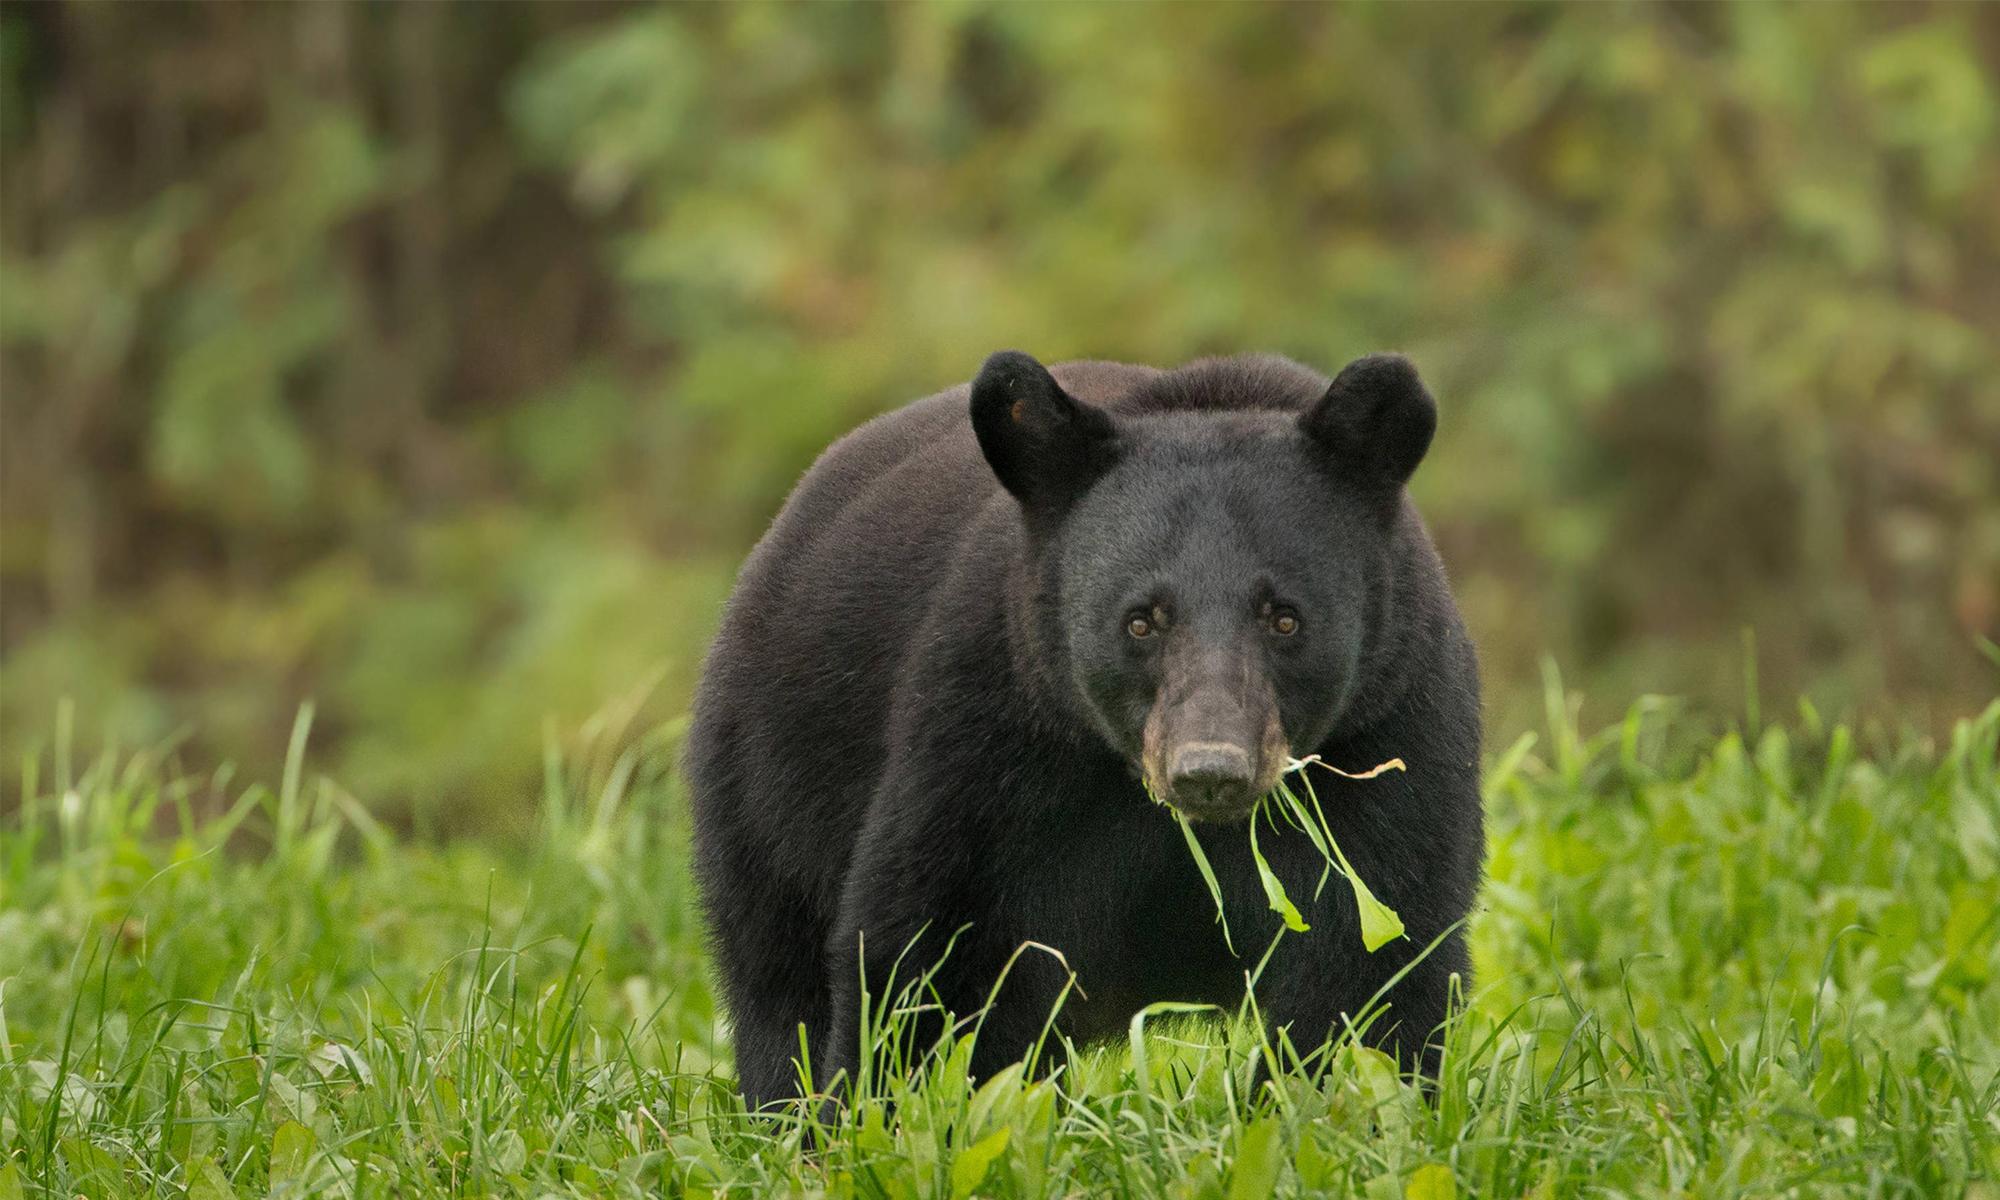 Black bear defenders of wildlife